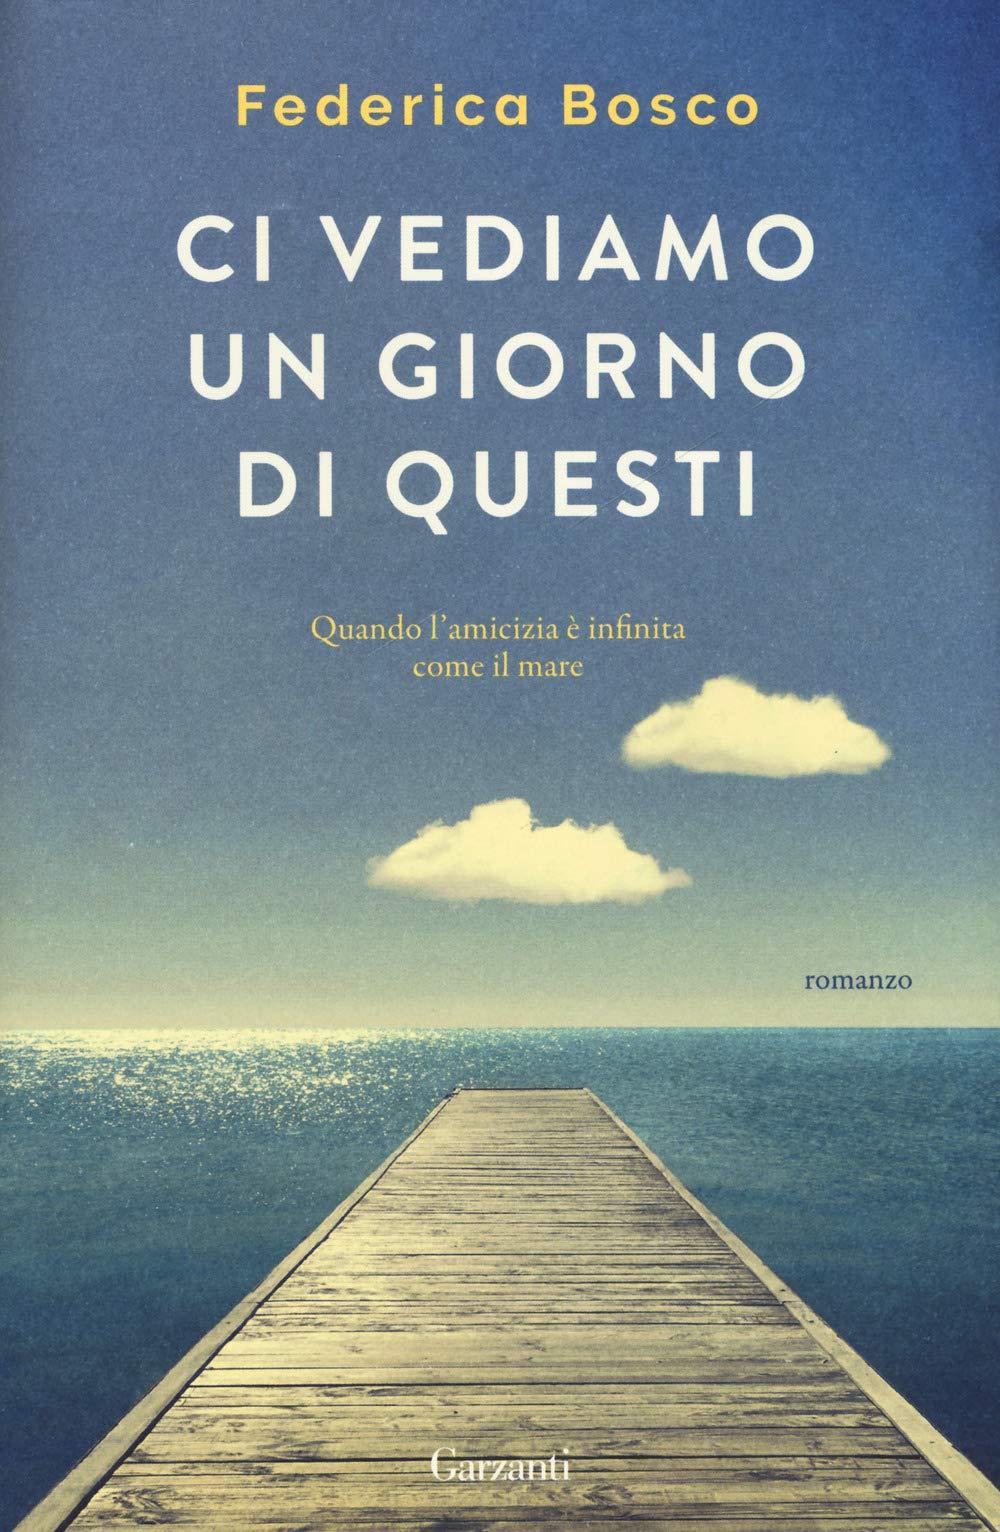 Libri di Federica Bosco - ci vediamo un giorno di questi (italiano) copertina rigida Garzanti 978-8811149583